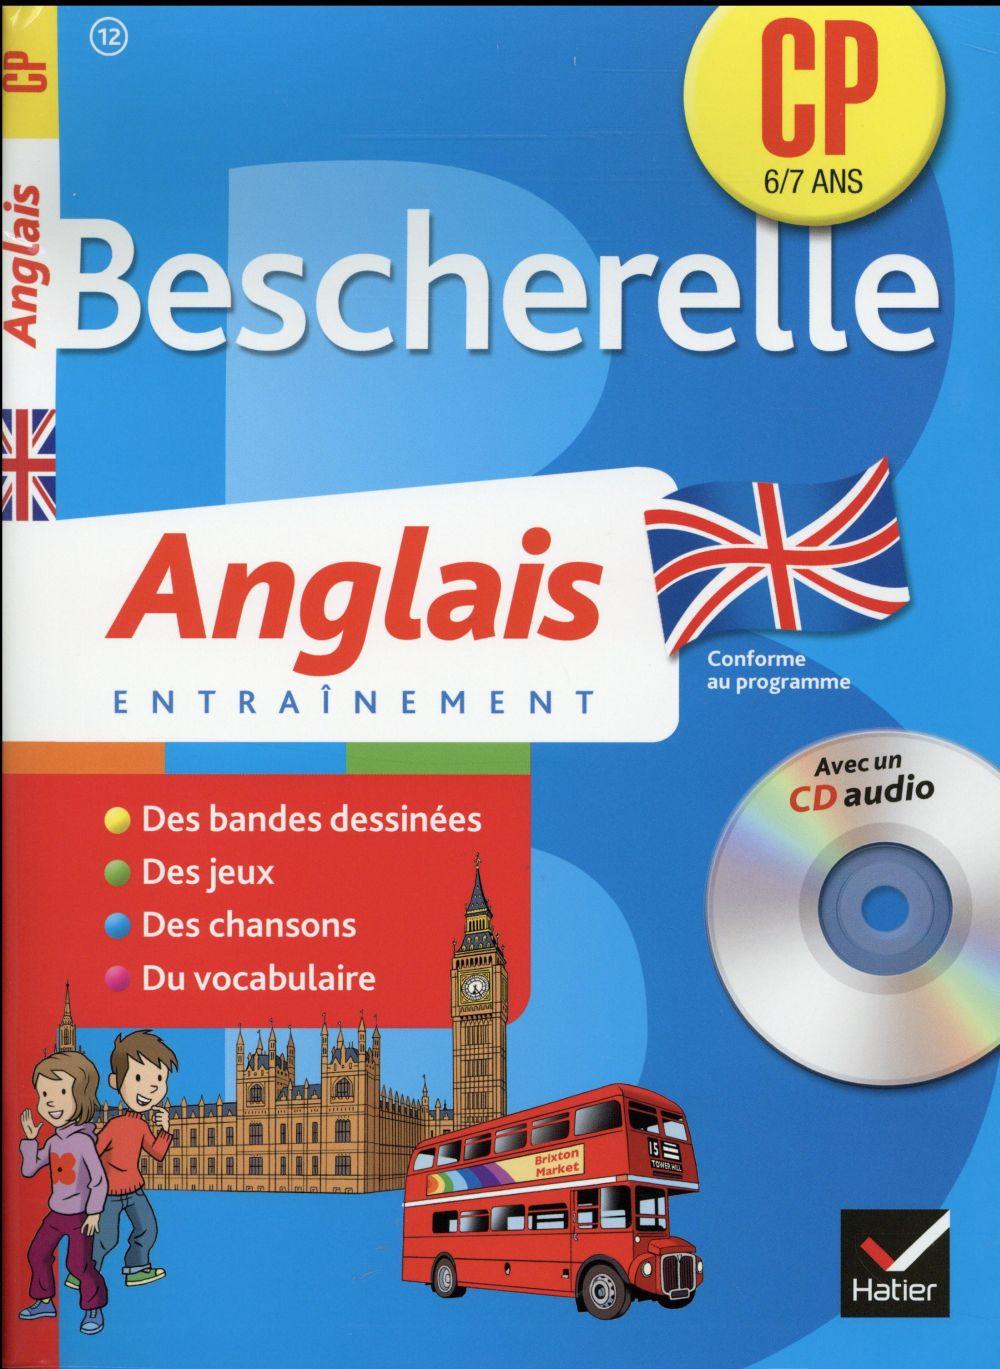 Anglais ; Cp - Laurent Héron, Buster Bone - Hatier - Livre + Cd Audio -  Place Des Libraires à Jeux Gratuit Anglais